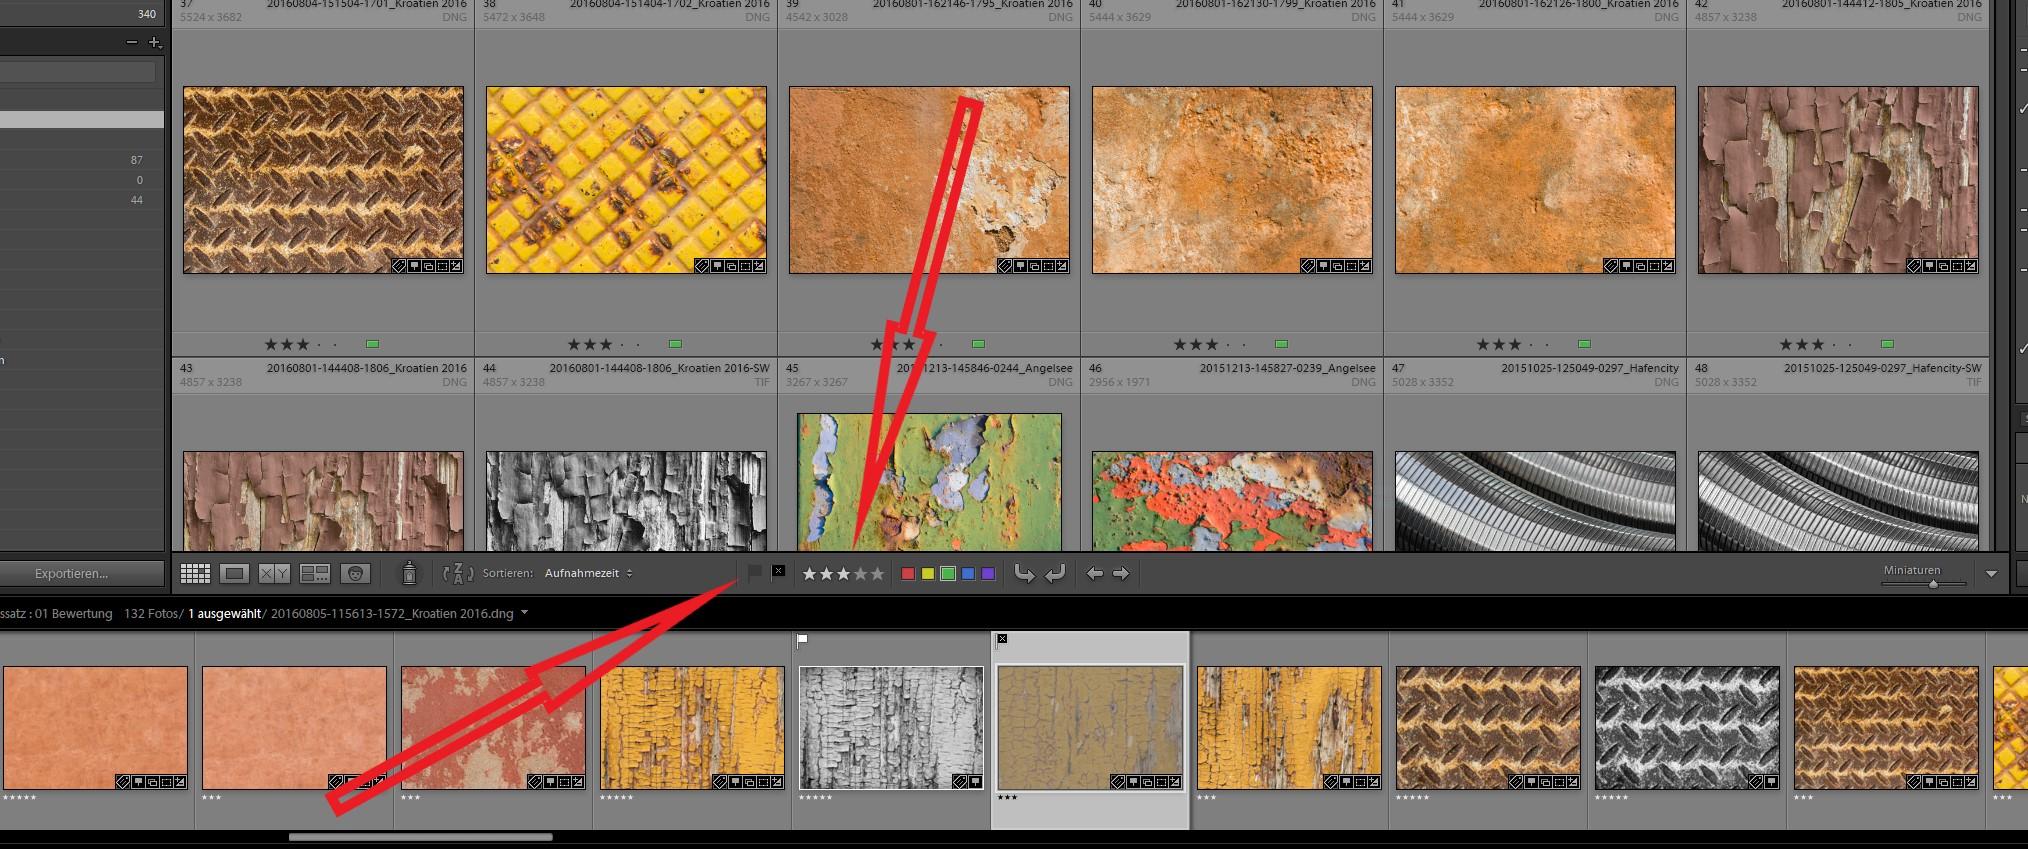 Screenshot Ligfhtroom Bibliothek